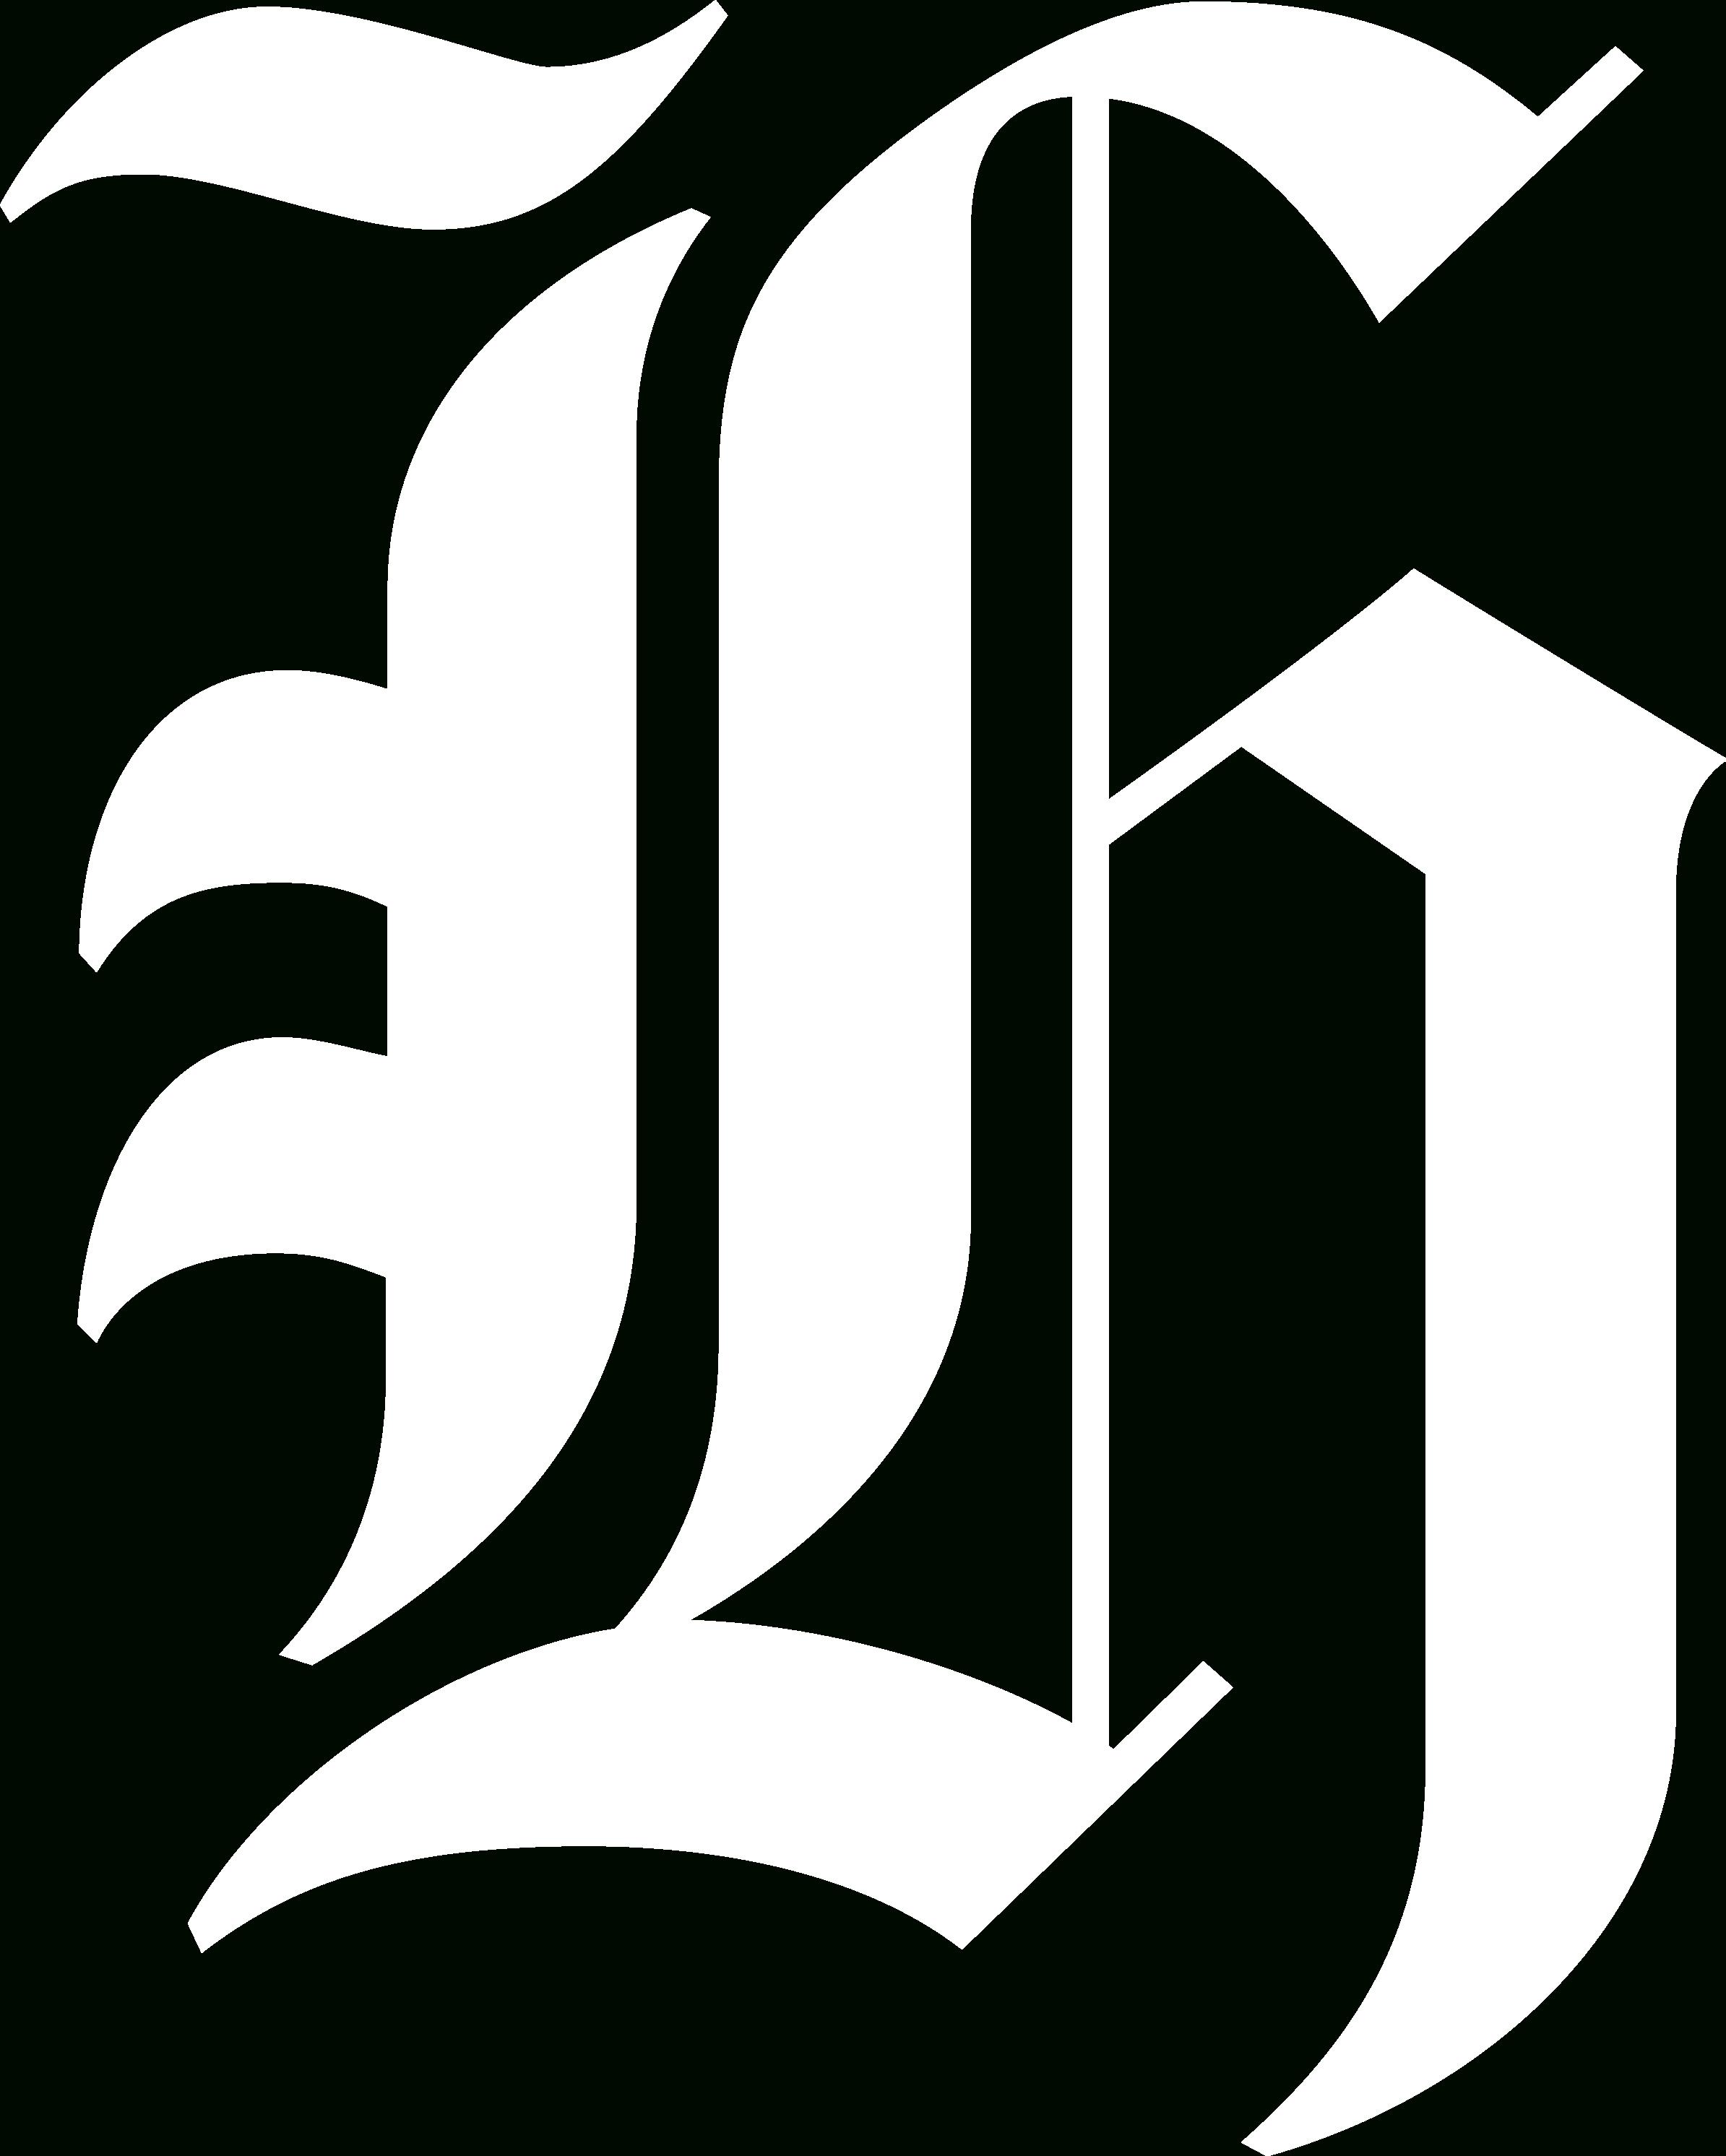 Crossword Puzzles - Nz Herald - Printable Crossword Puzzles Nz